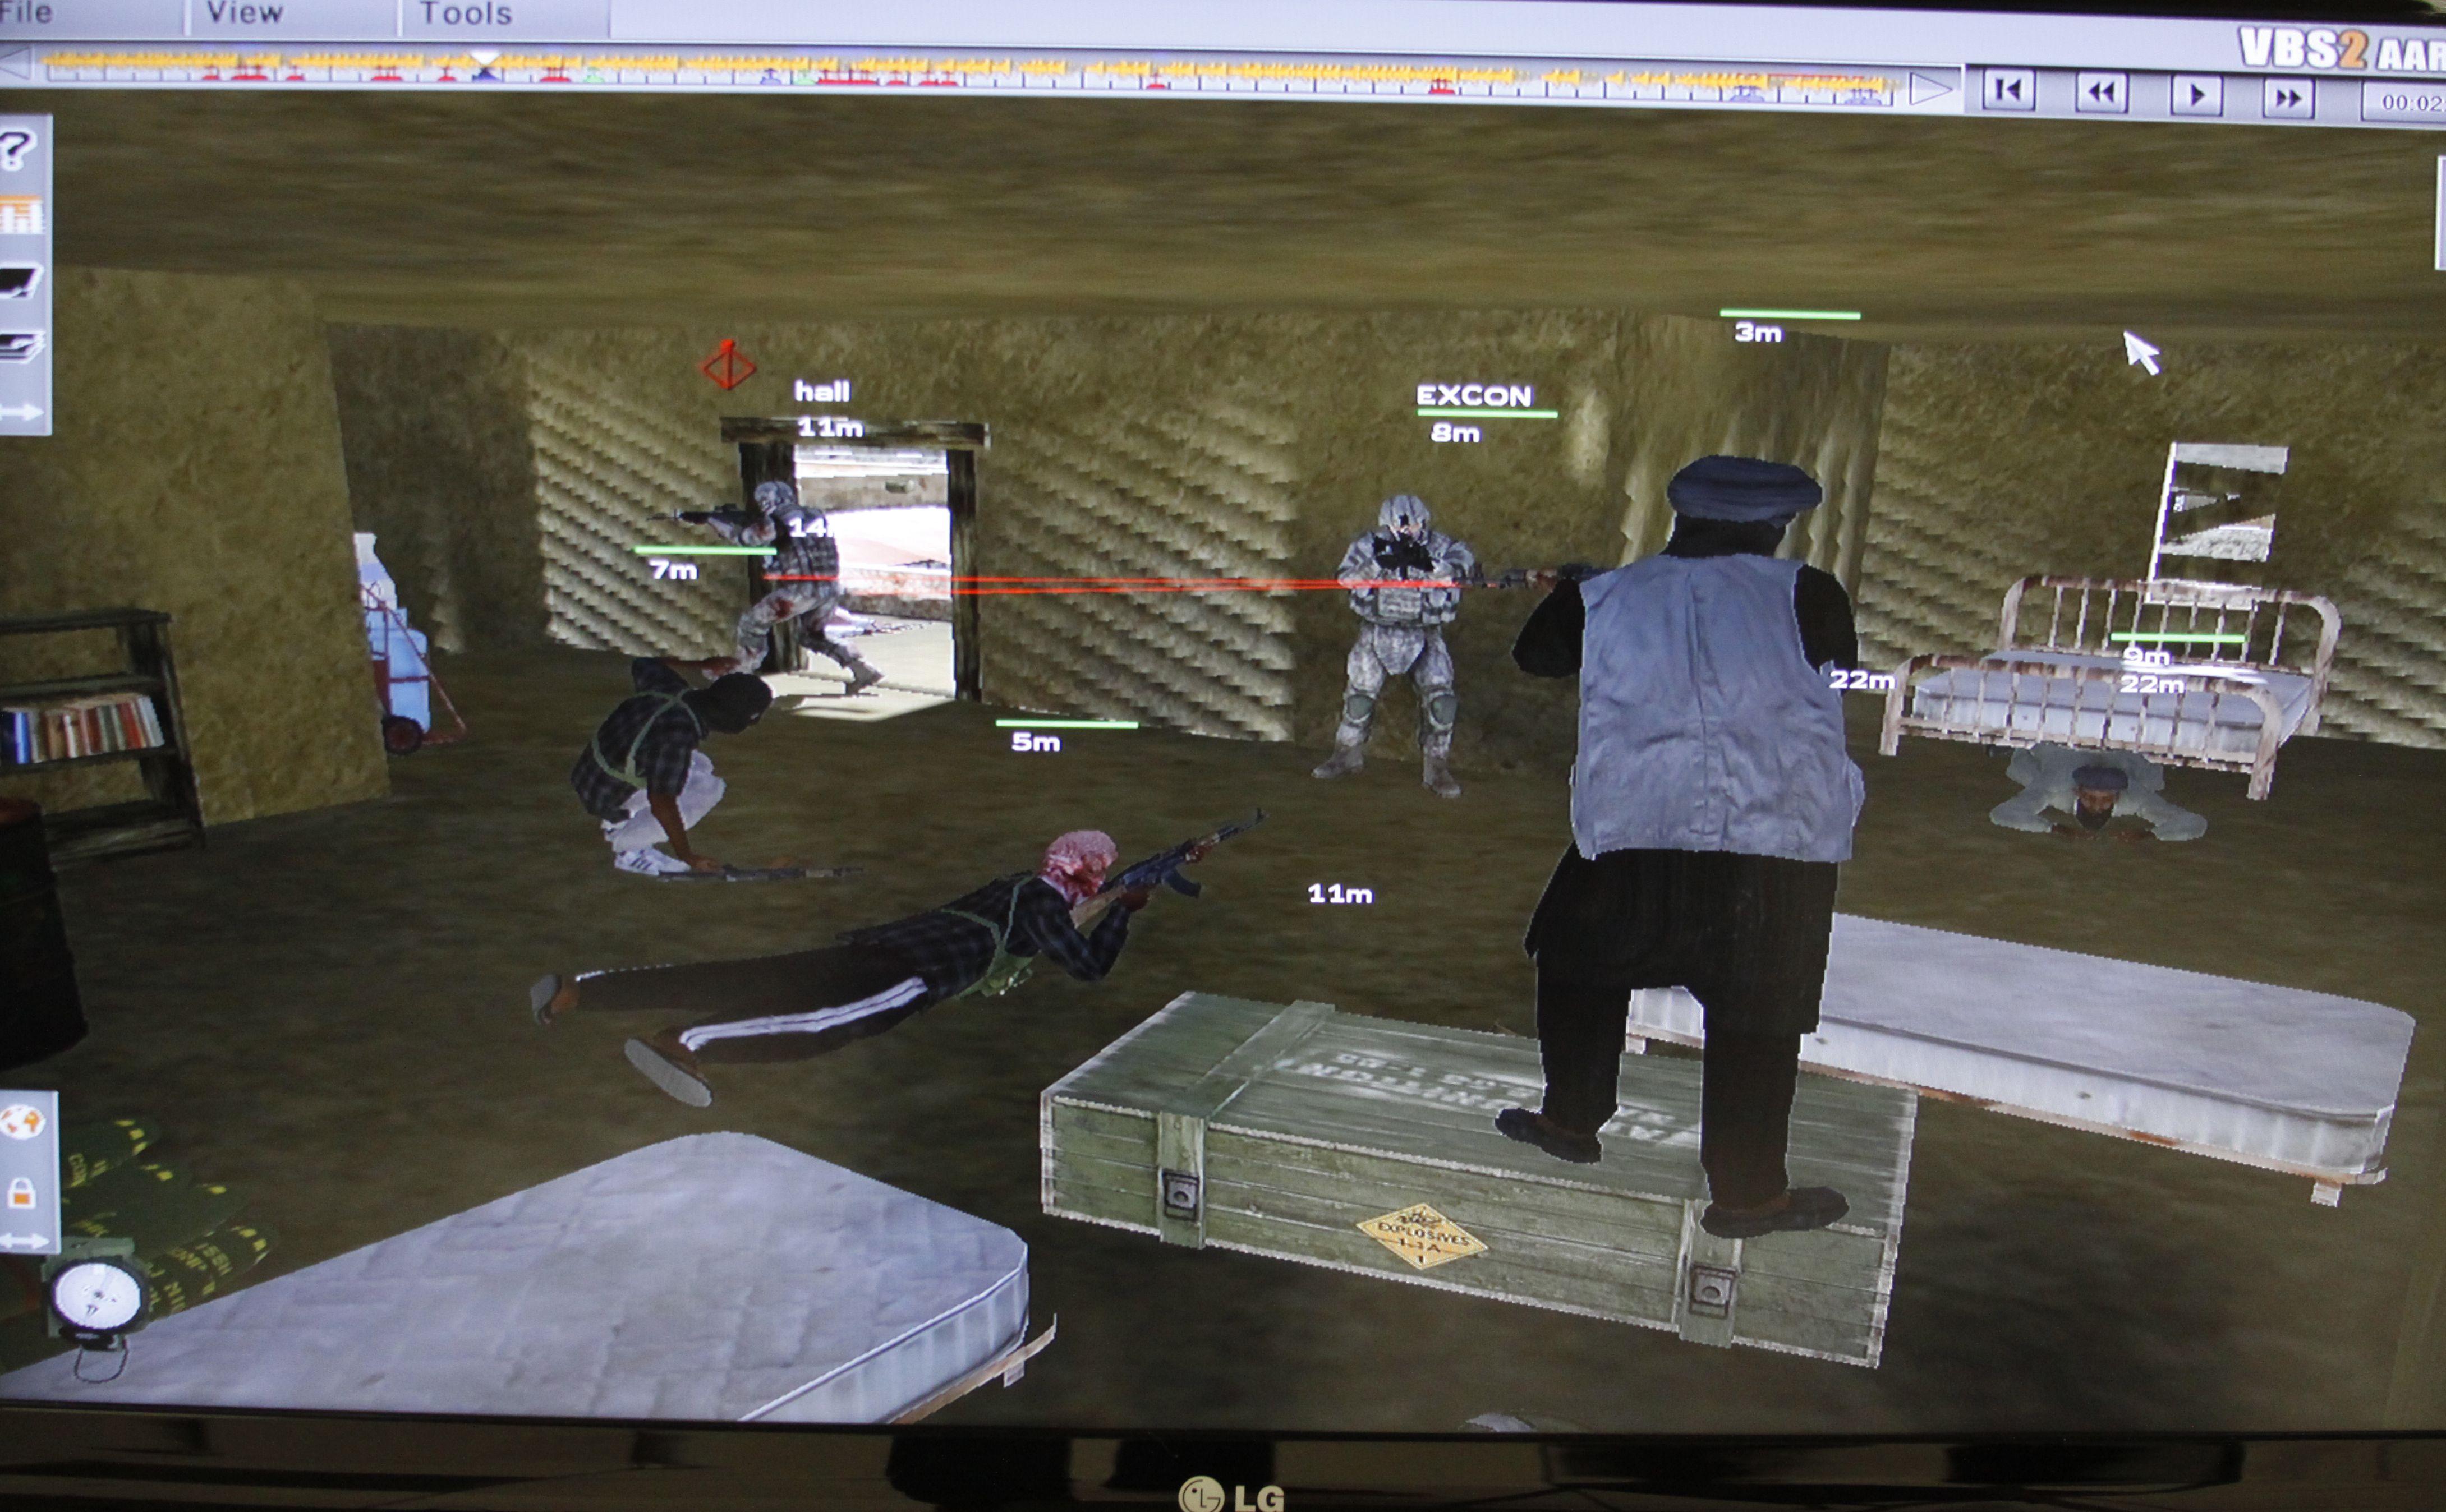 DSTS_breach_screenshot